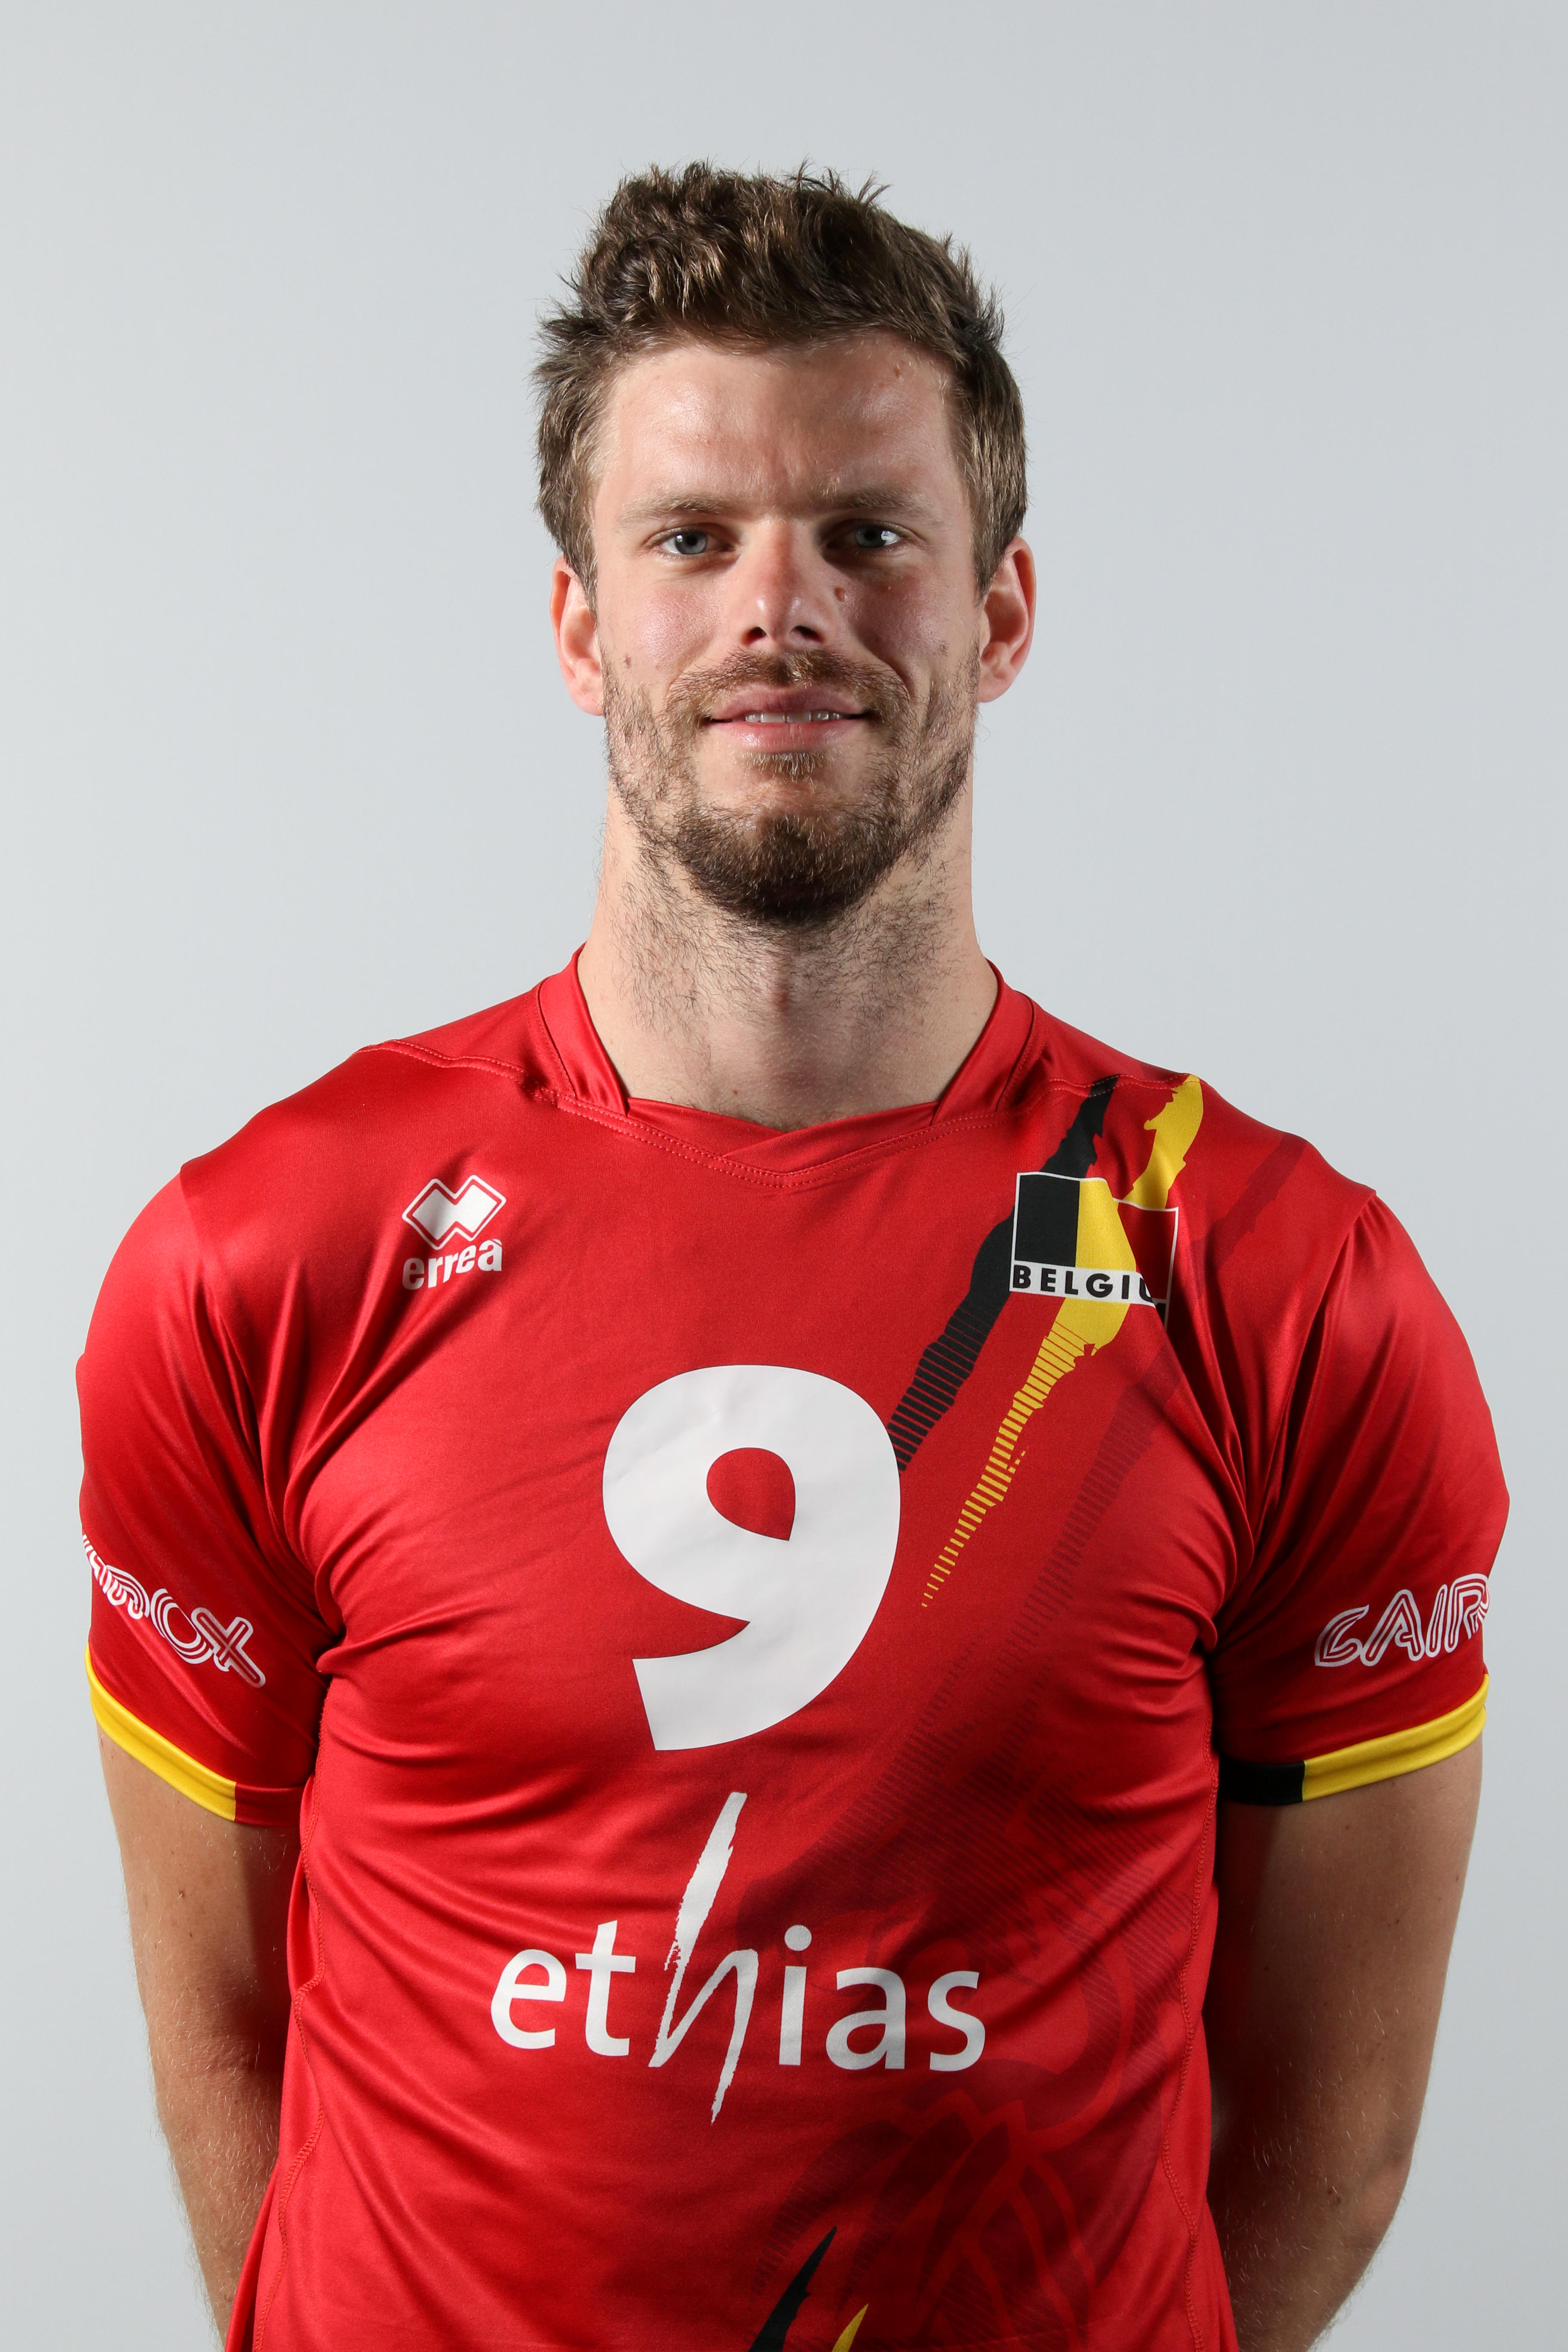 Pieter Verhees